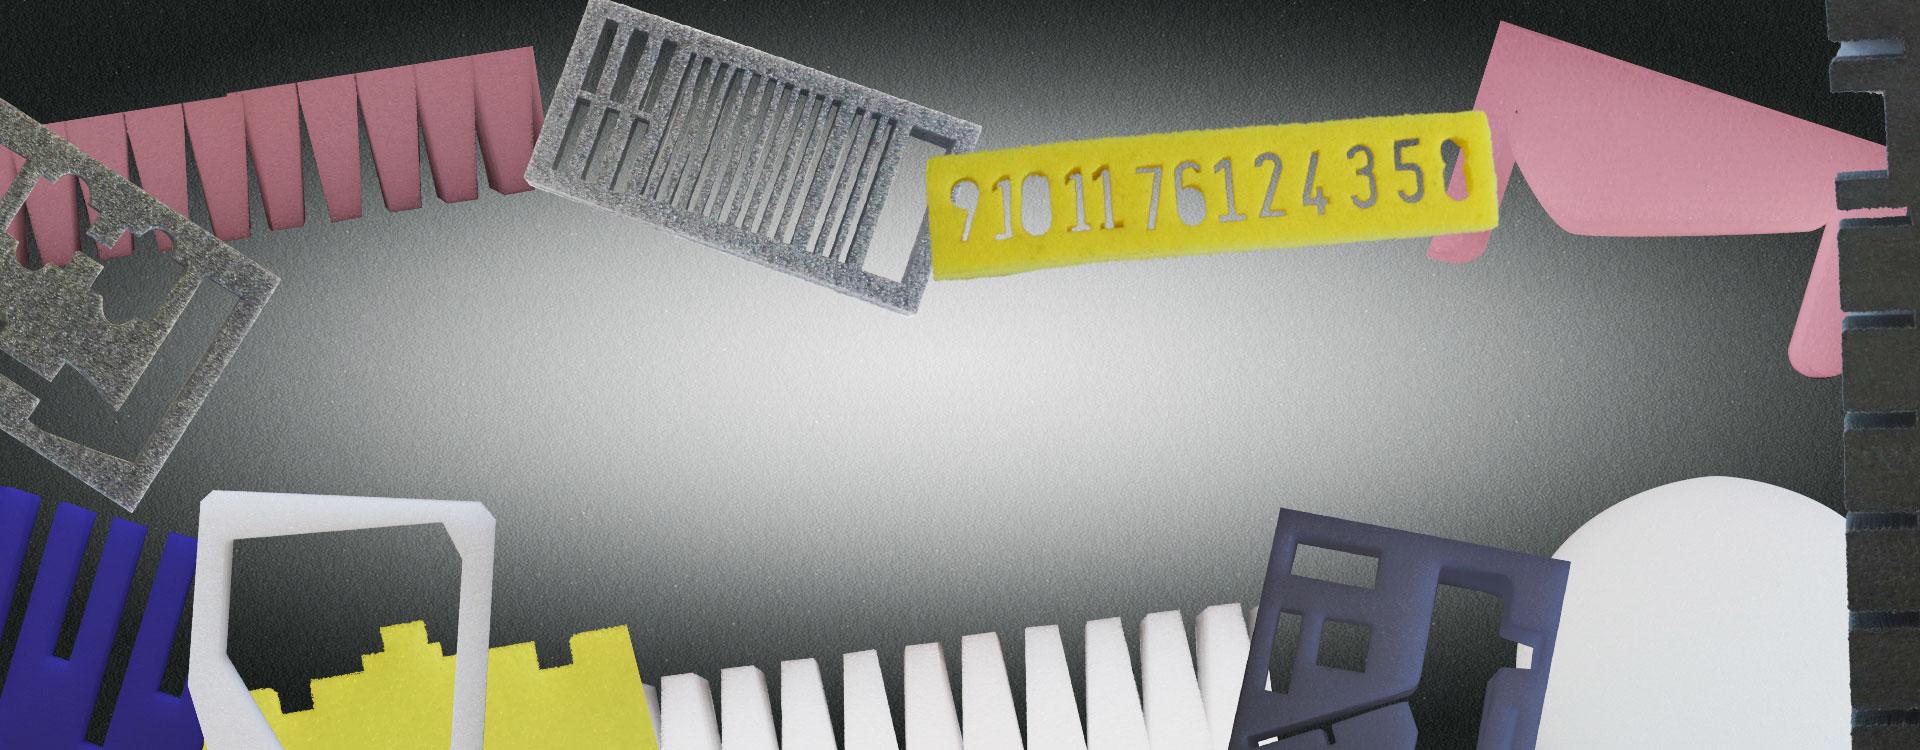 Imballaggi protettivi per packaging industriale o movimentazione interna